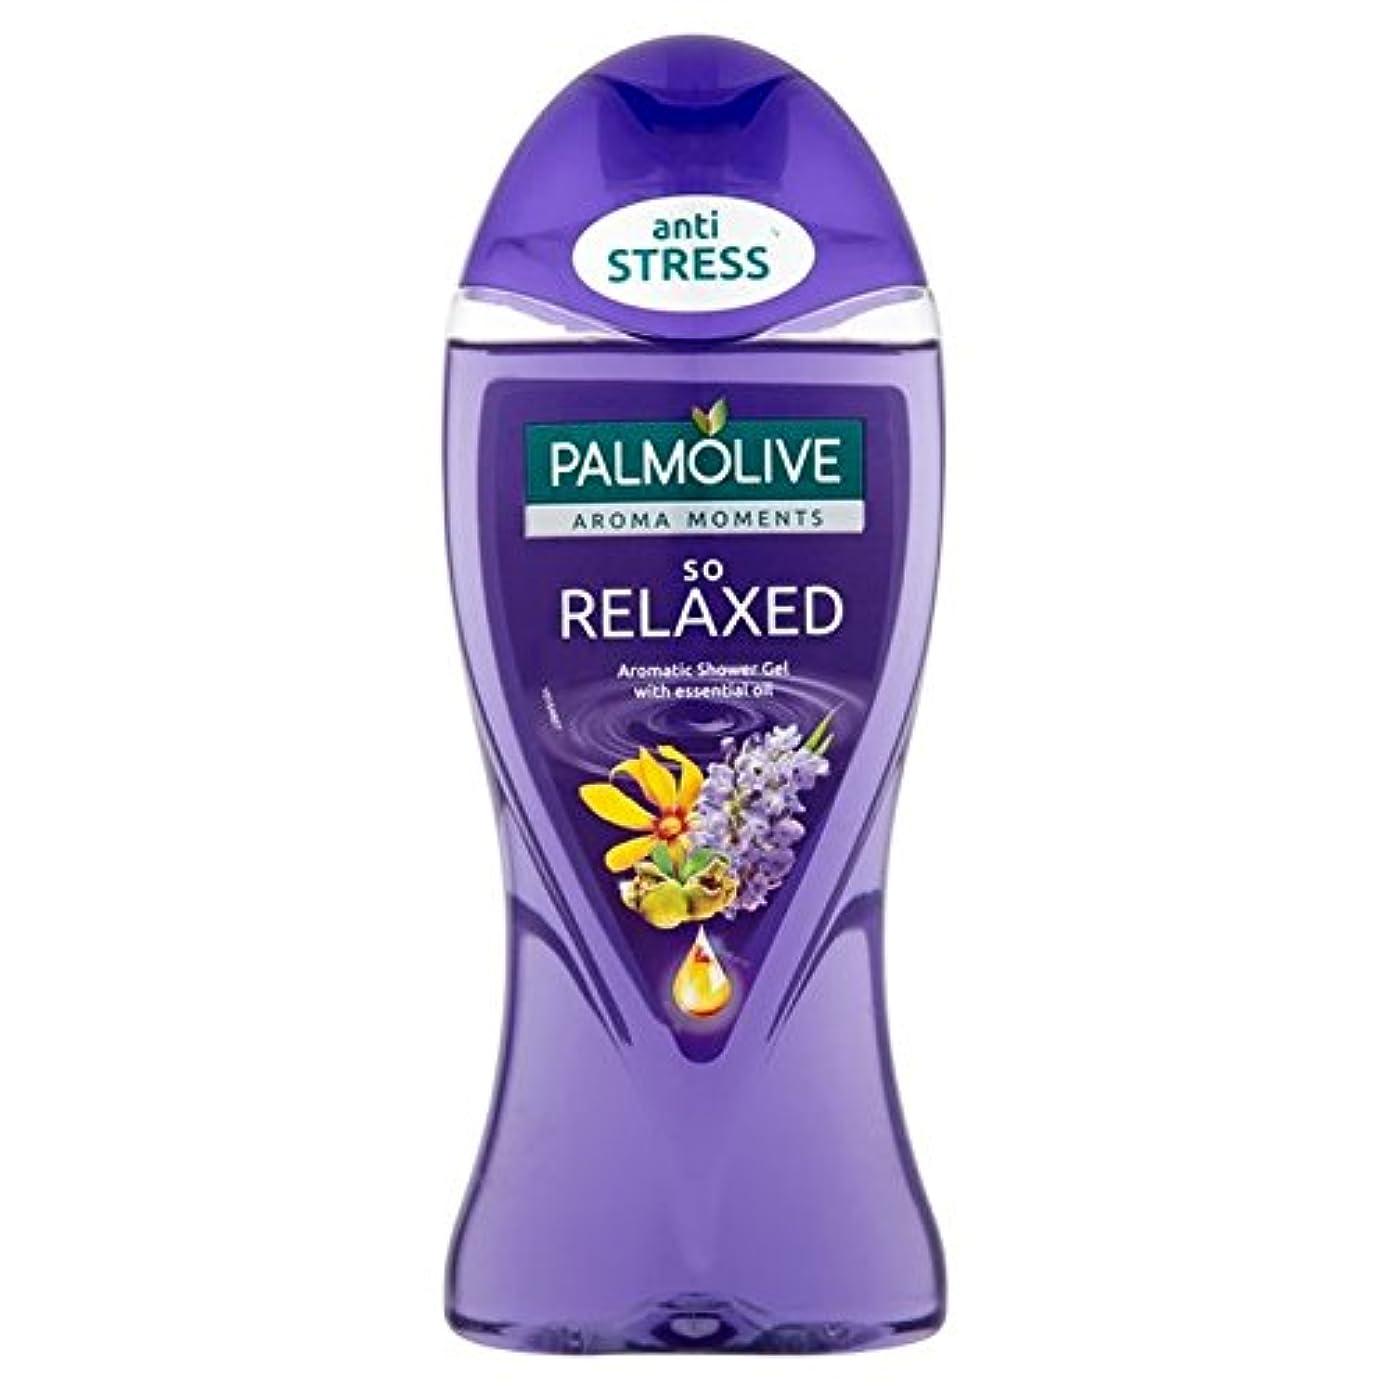 約束する毎週債務パルモシャワージェルリラックスした250ミリリットル x2 - Palmolive Shower Gel Relaxed 250ml (Pack of 2) [並行輸入品]